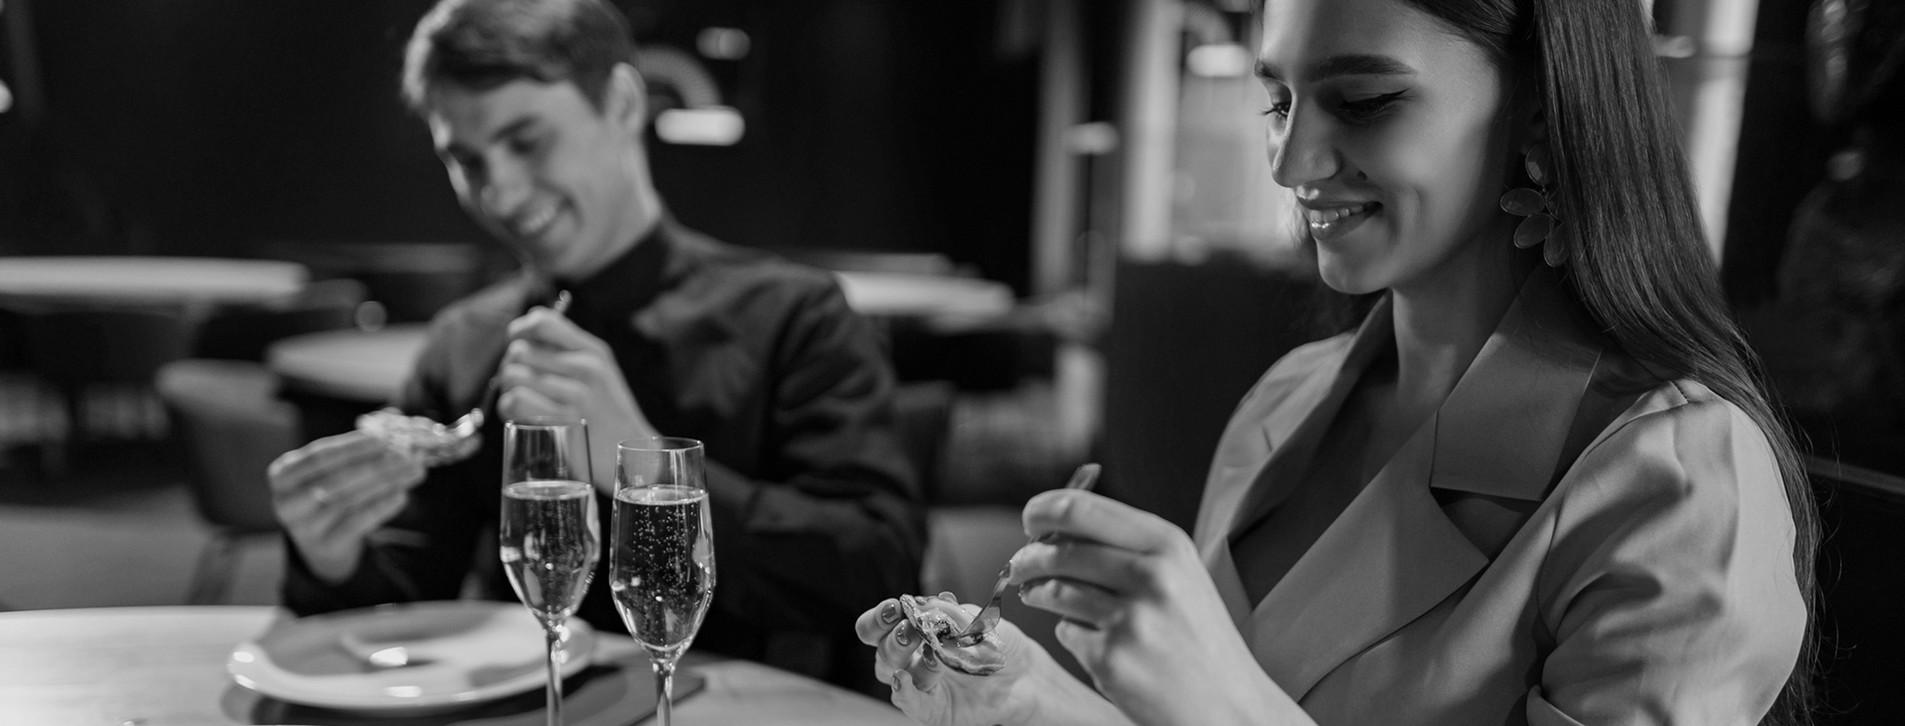 Фото - Безлимитные устрицы и шампанское для двоих